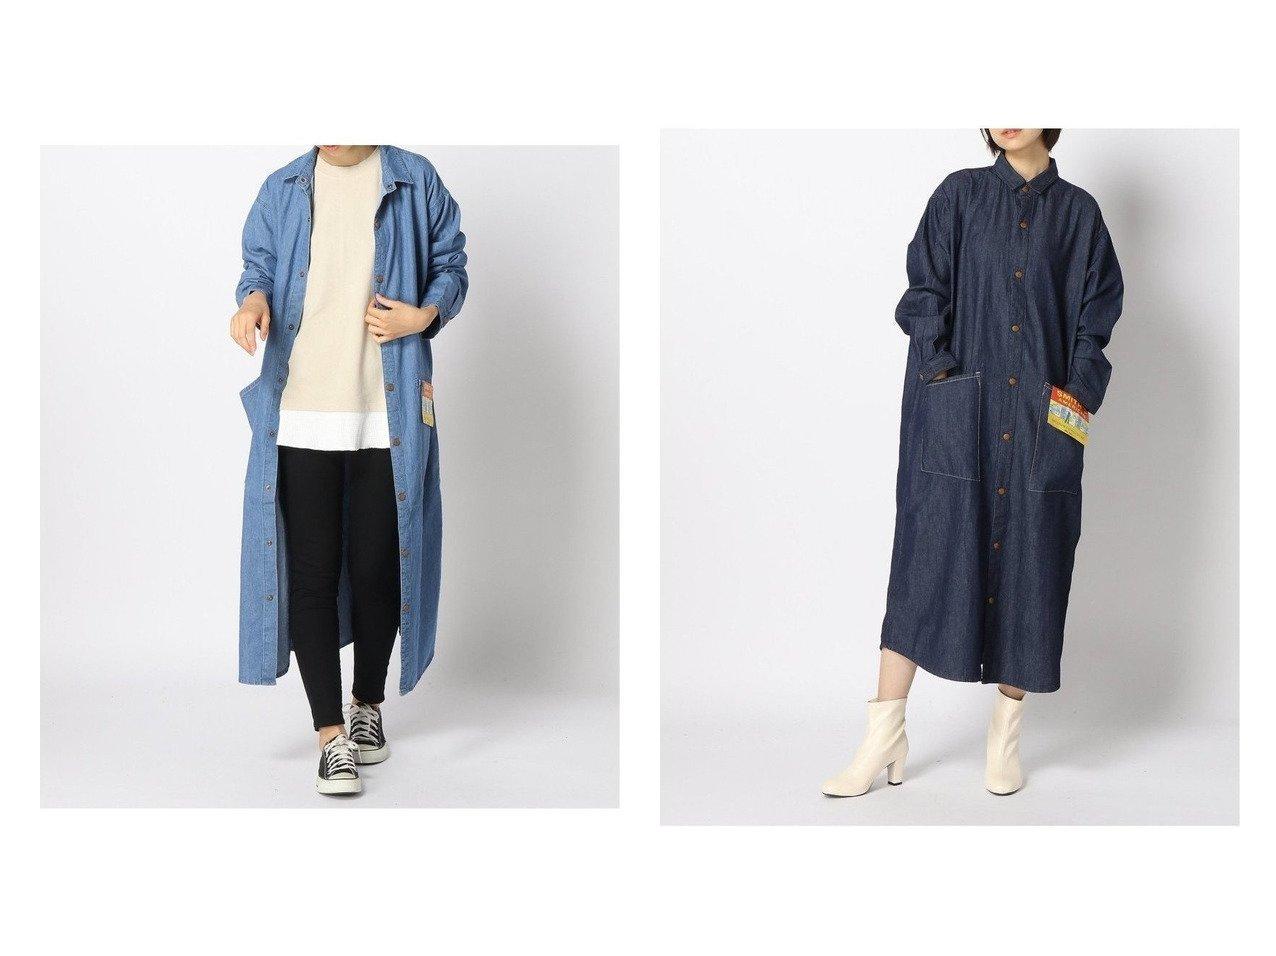 【SMITHS/スミス】のSMITH S6.OP おすすめ!人気、トレンド・レディースファッションの通販 おすすめで人気の流行・トレンド、ファッションの通販商品 インテリア・家具・メンズファッション・キッズファッション・レディースファッション・服の通販 founy(ファニー) https://founy.com/ ファッション Fashion レディースファッション WOMEN ワンピース Dress シャツワンピース Shirt Dresses NEW・新作・新着・新入荷 New Arrivals ポケット リラックス 羽織 |ID:crp329100000071731